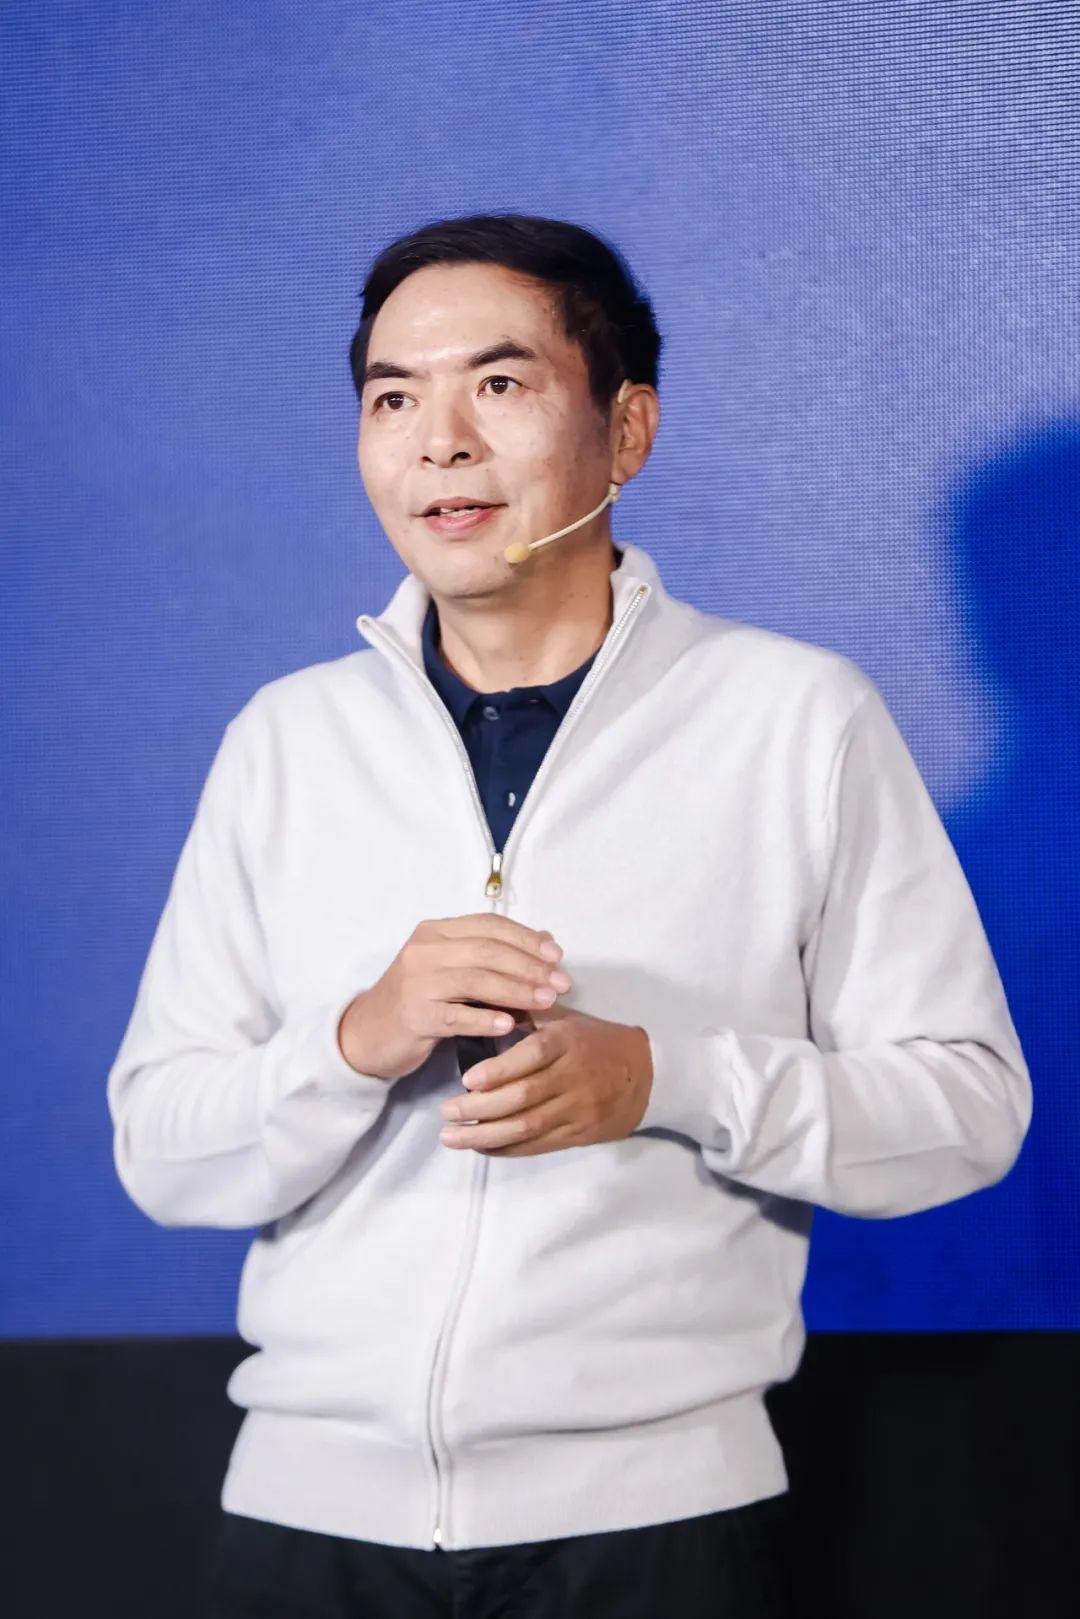 张小龙万字演讲说10年产品思考:微信接下来要做什么?